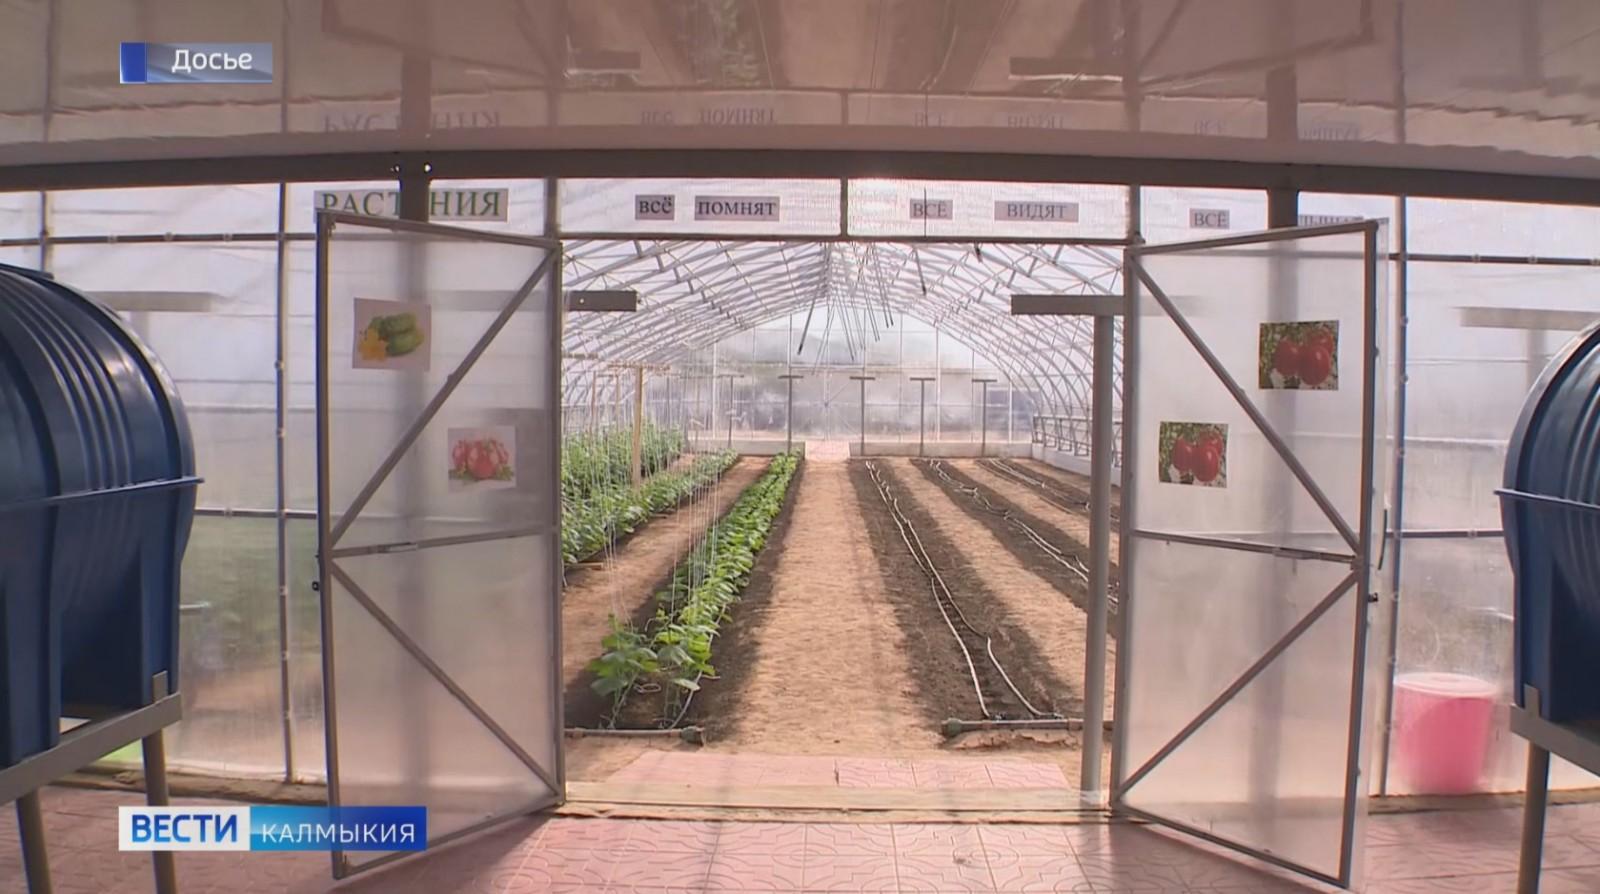 В северной промзоне Элисты появится агропромпарк площадью почти 100 тысяч квадратных метров